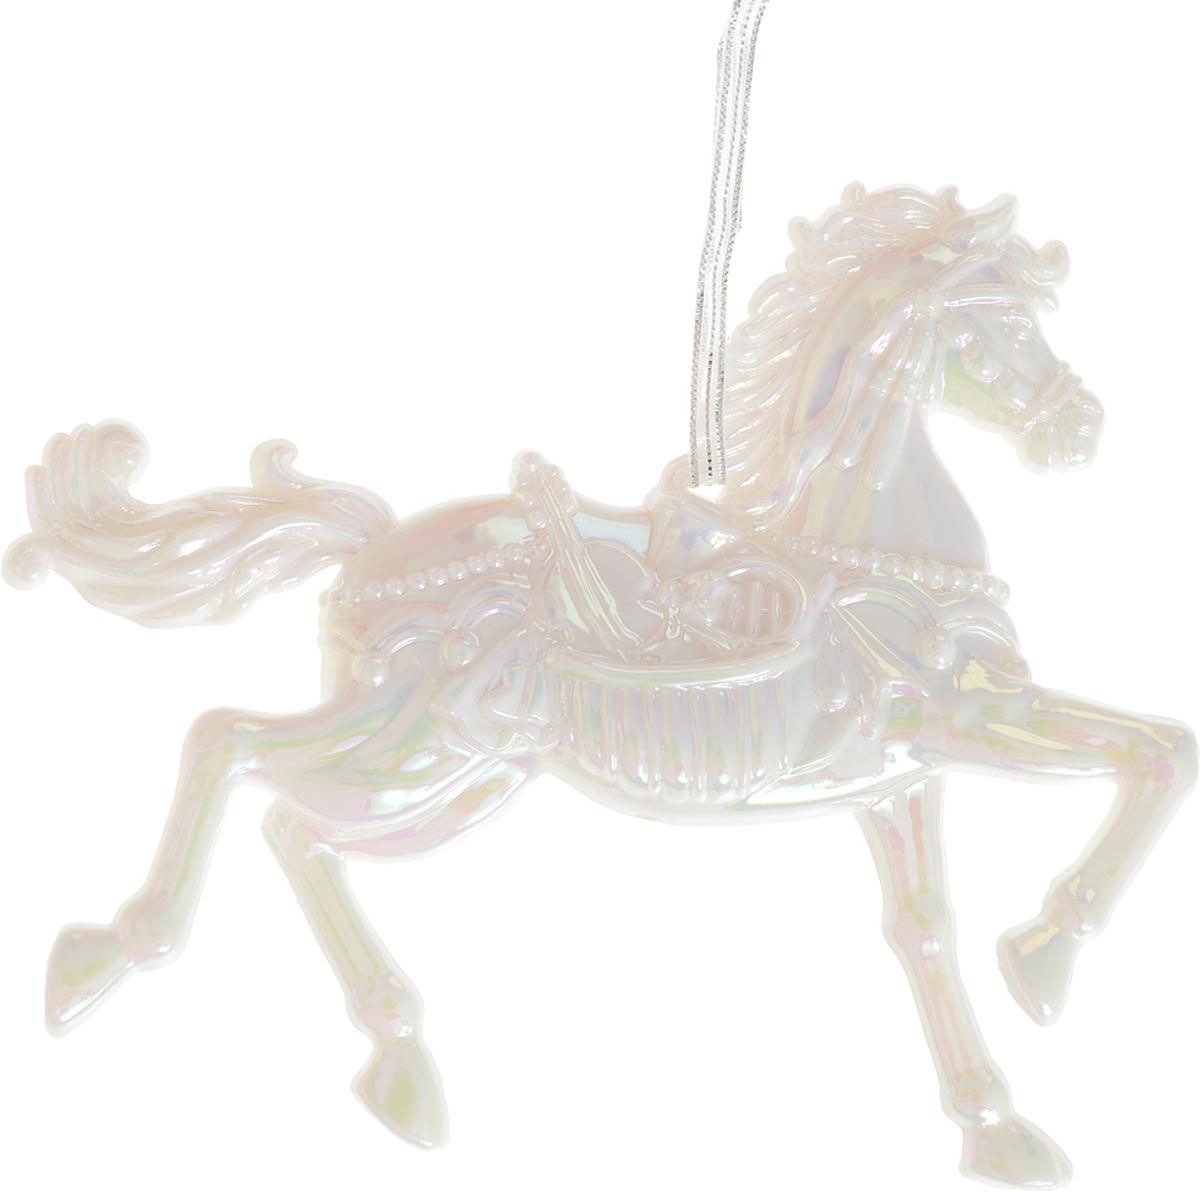 Украшение для интерьера новогоднее Erich Krause Конь белогривый, 10 см36076Грациозный конь выполнен в перламутровом цвете и декорирован блестками. Фигурки животныхвсегда пользуются большой популярностью, и спрос на них является стабильно высоким.Новогодние украшения всегда несут в себе волшебство и красоту праздника. Создайте в своемдоме атмосферу тепла, веселья и радости, украшая его всей семьей. Уважаемые клиенты!Обращаем ваше внимание на возможные изменения в дизайне украшения. Поставкаосуществляется в зависимости от наличия на складе.